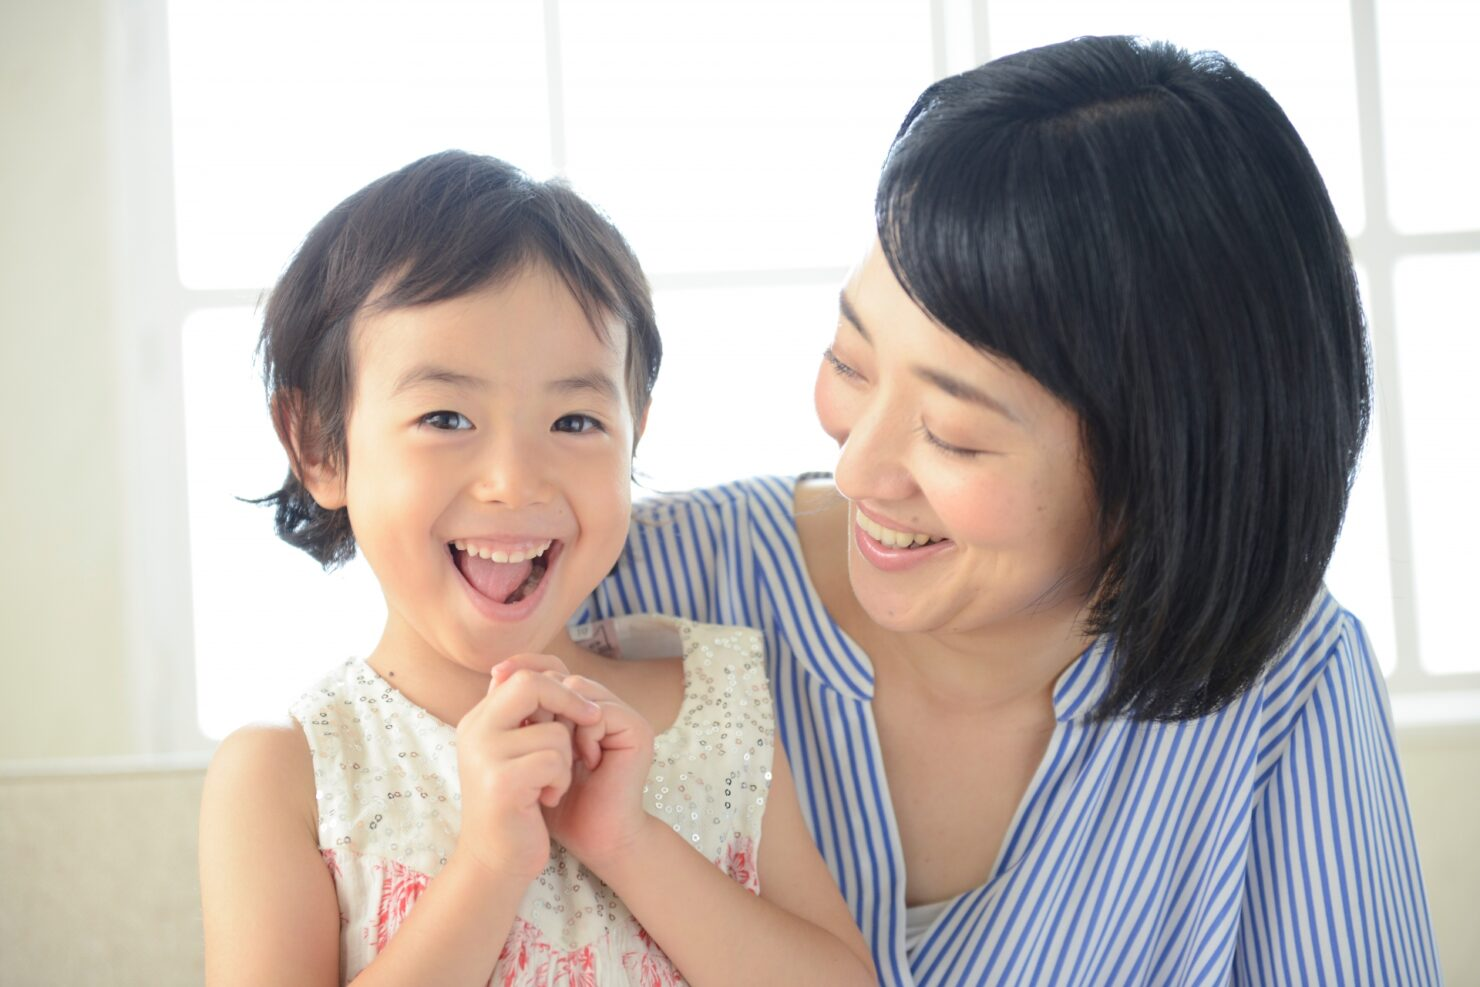 パパママと子供が性のコミュニケーションを図る機会を作りましょう